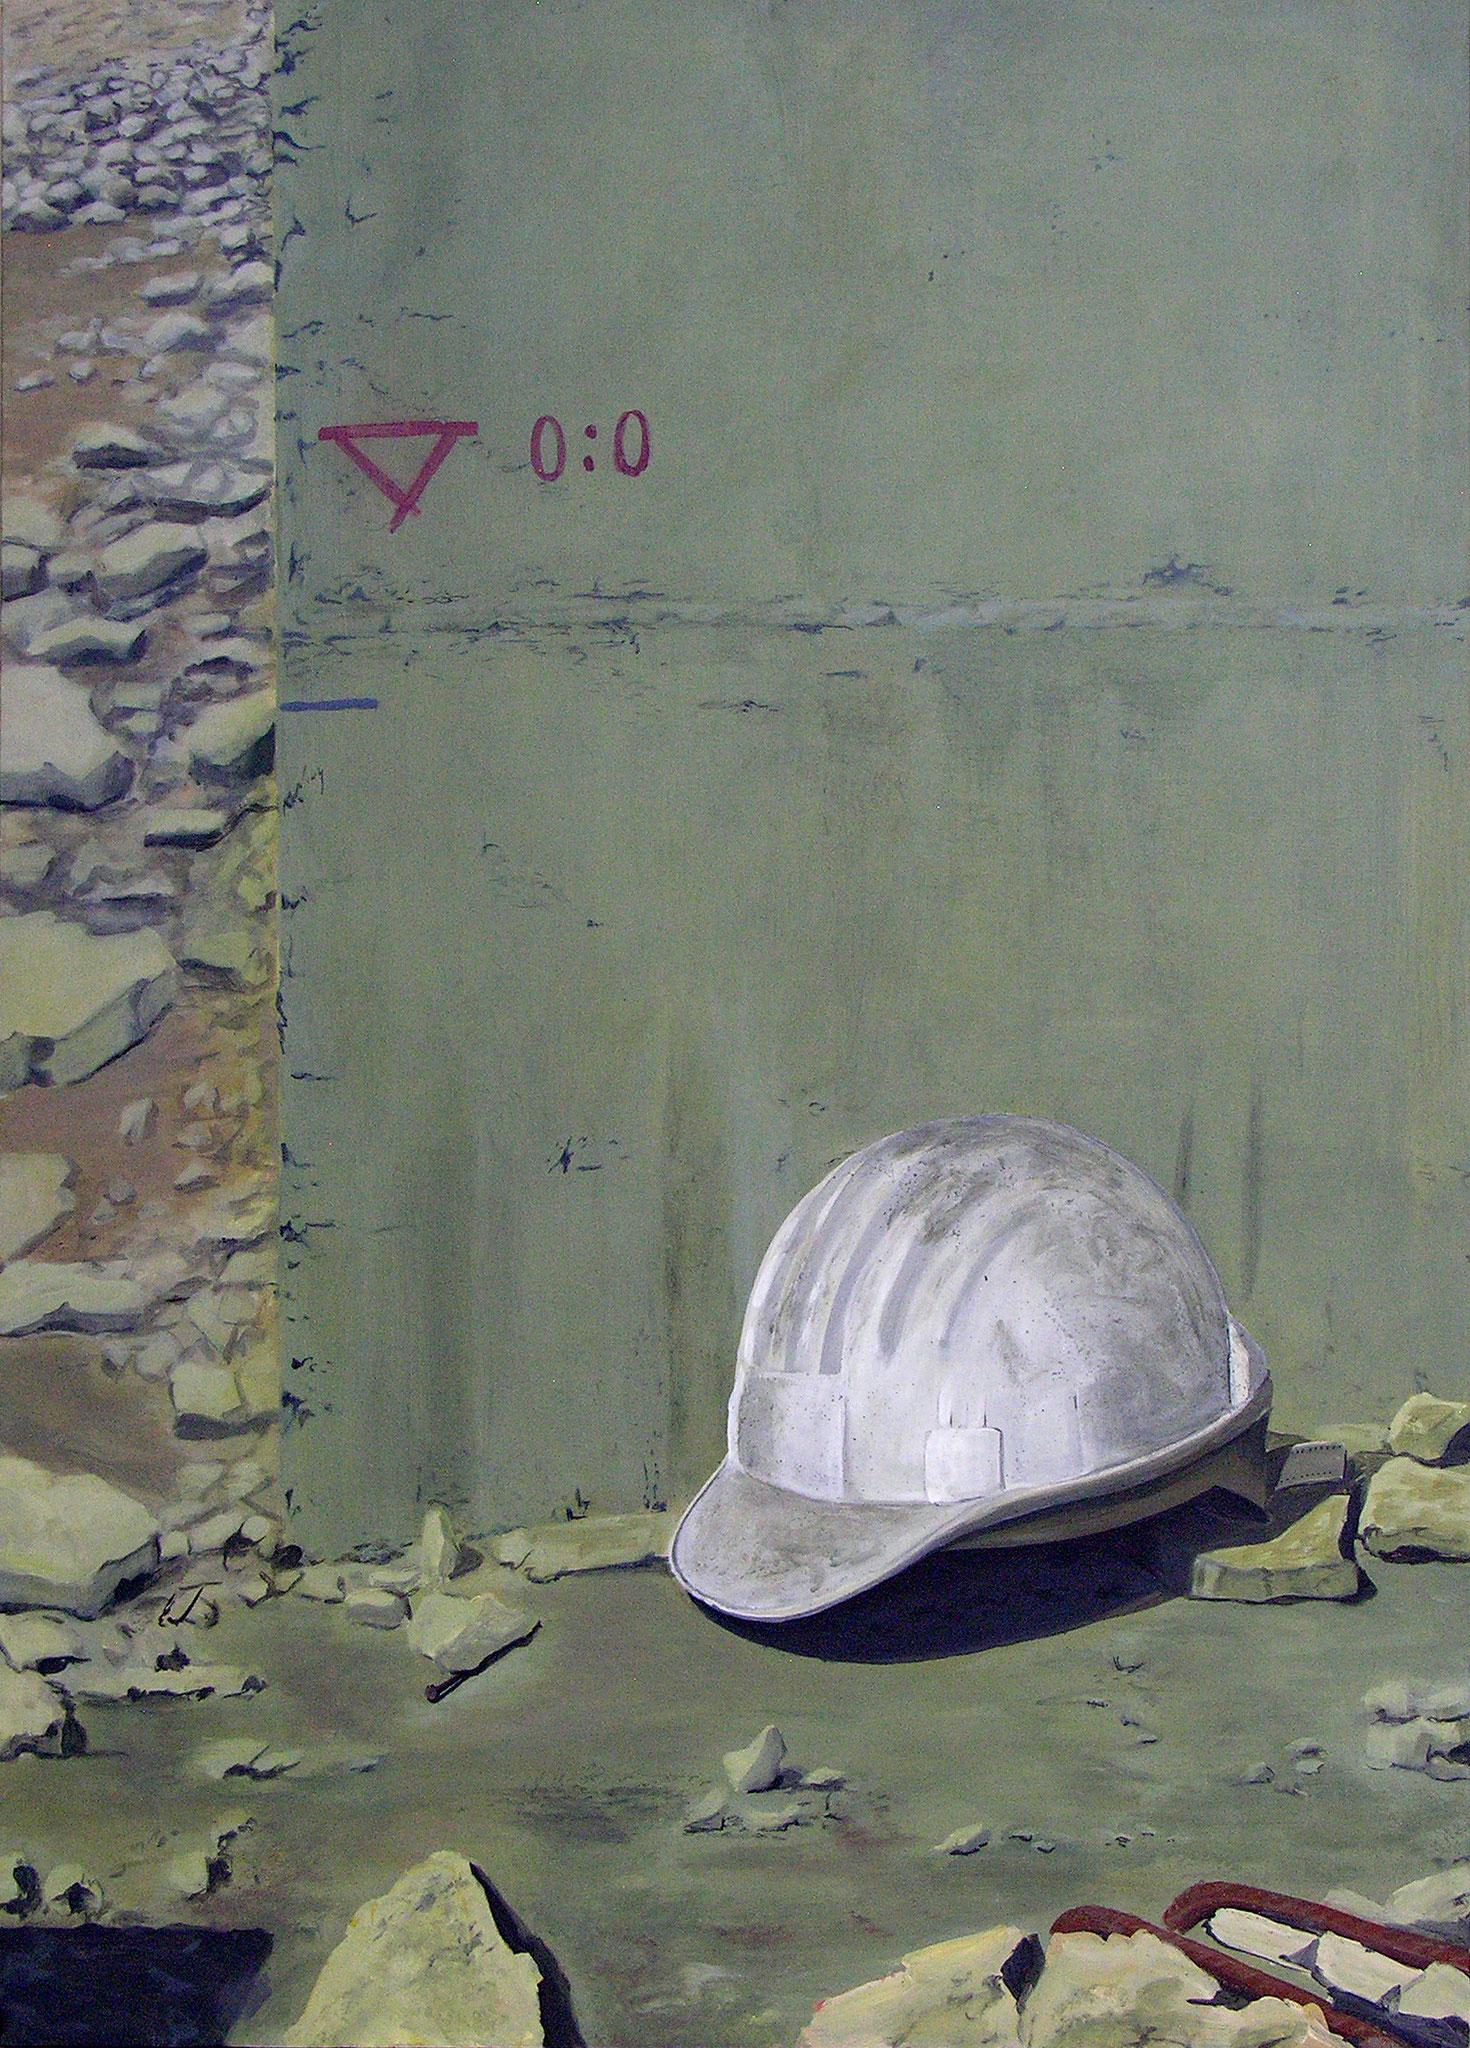 Acrylic on canvas, 100 x 130 cm, 2010